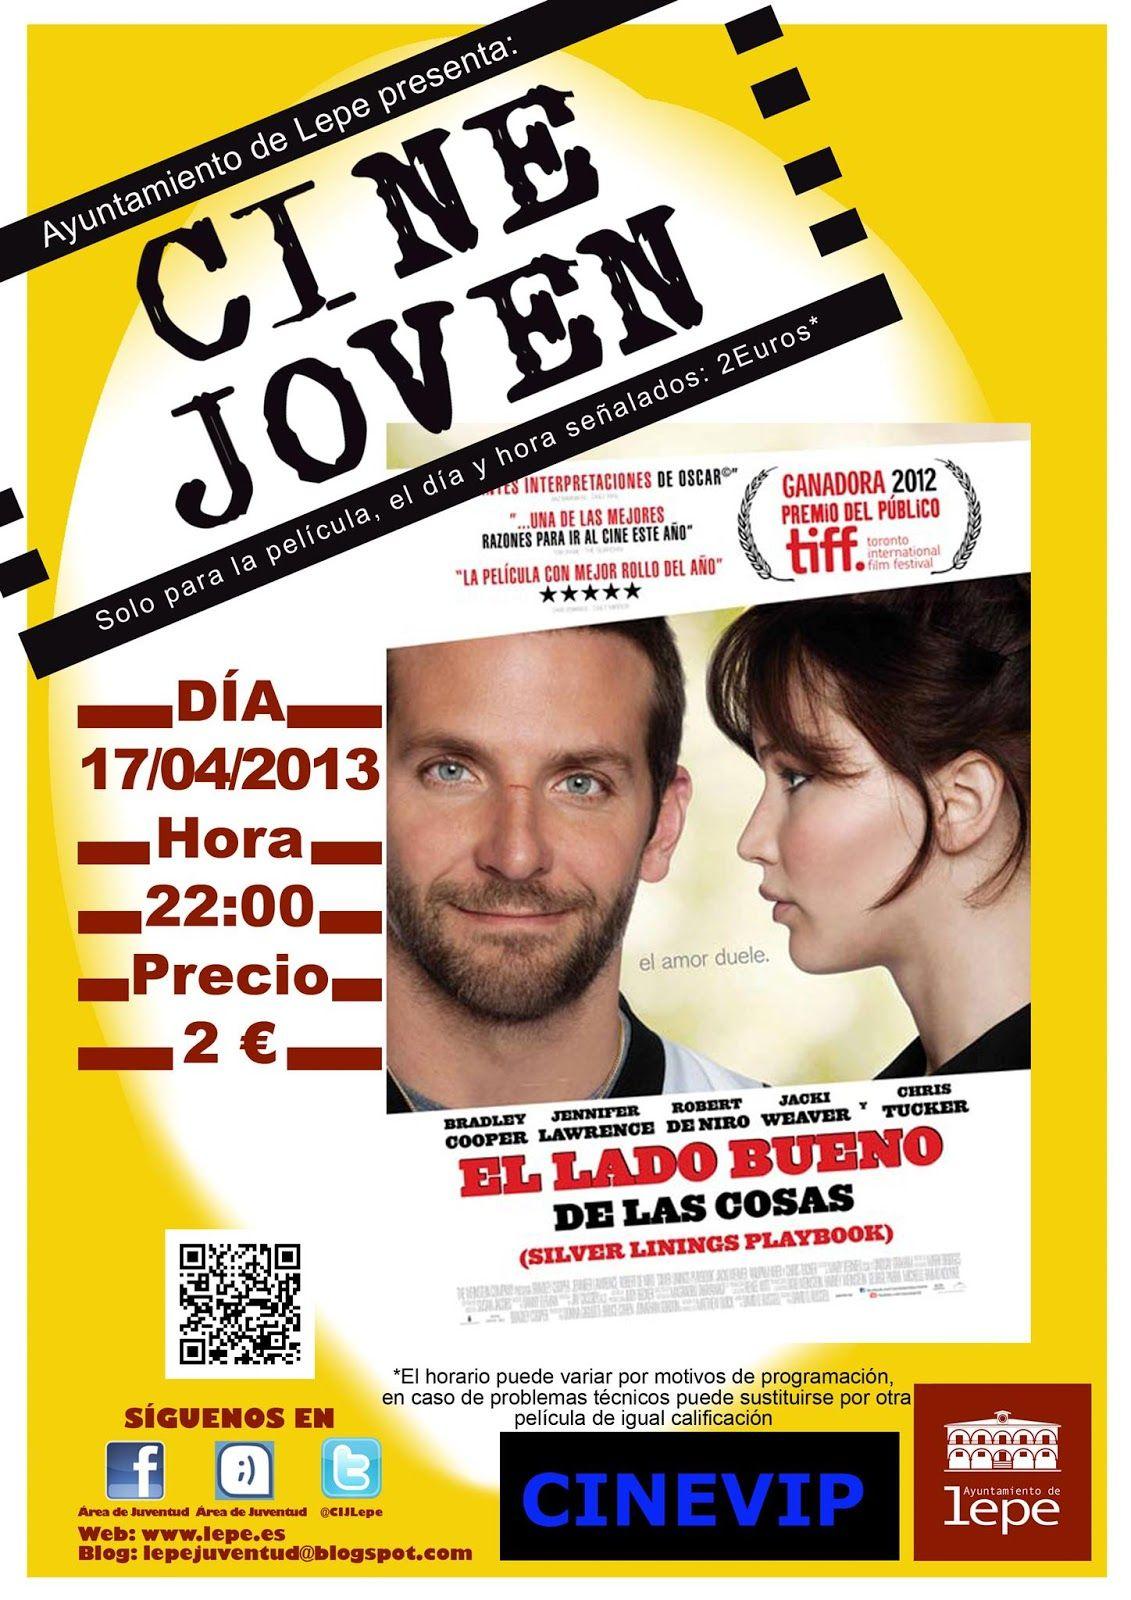 Este miércoles, 17 de abril, Cine Joven presenta: El lado bueno de las cosas. A las 22h en Cinevip Lepe.